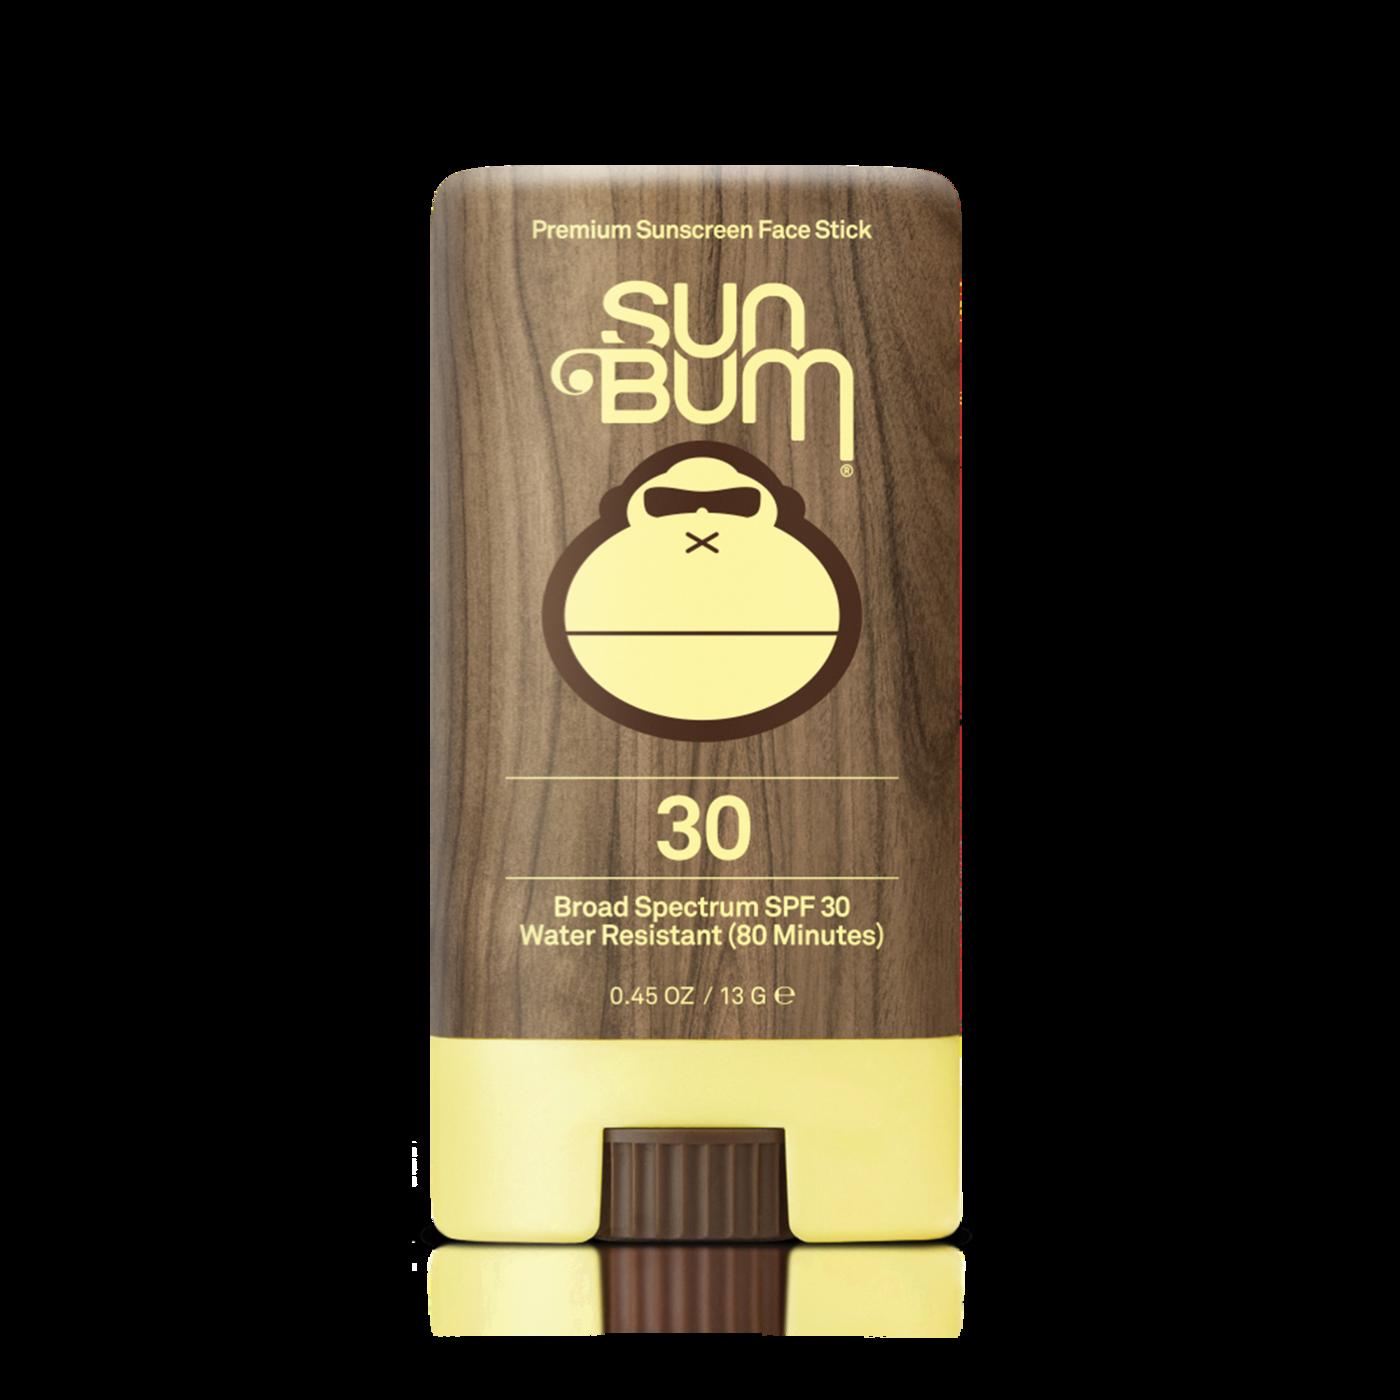 Sun Bum® - Original SPF 30 Sunscreen Face Stick